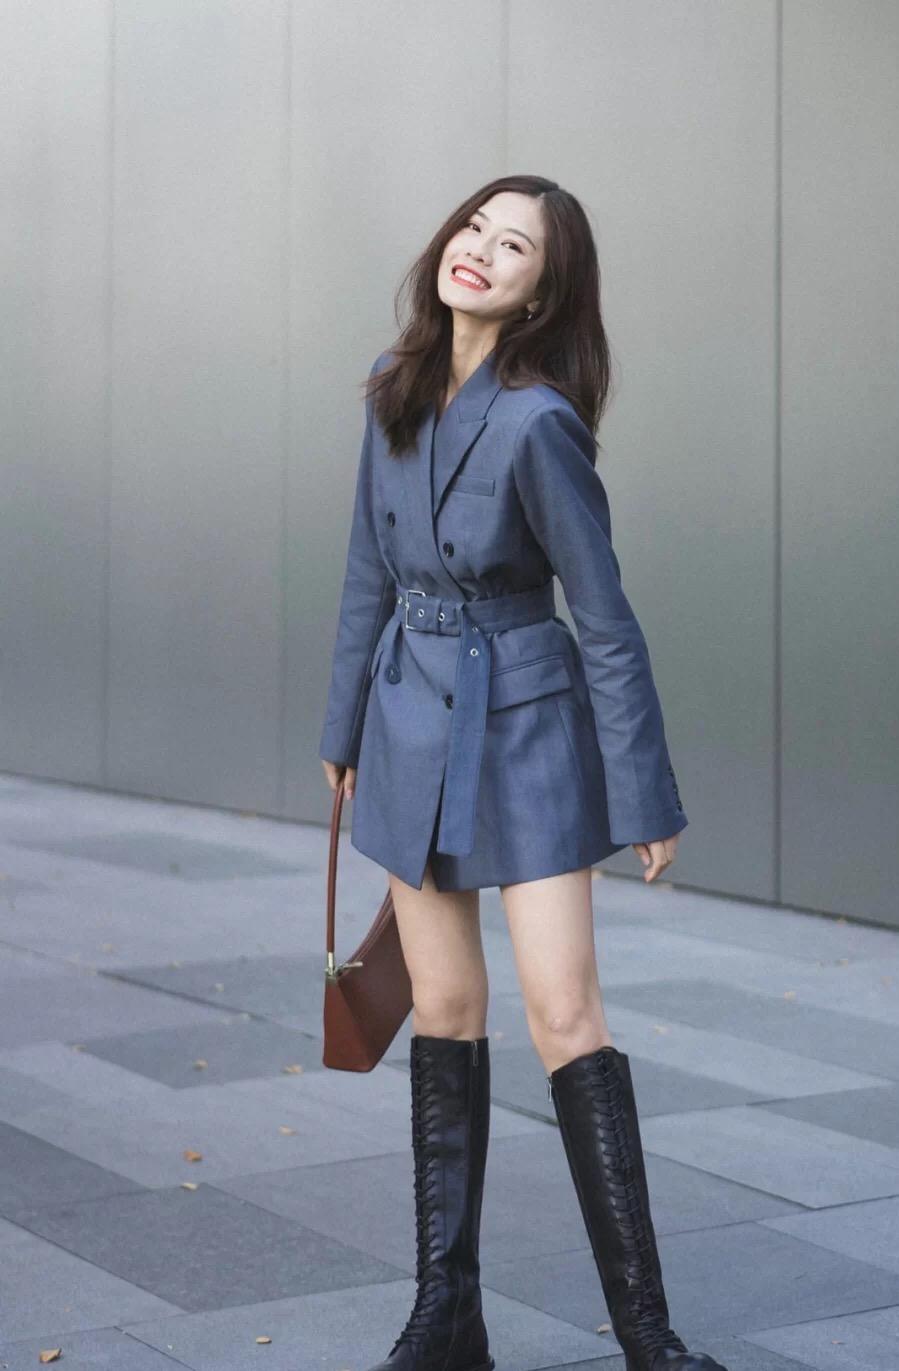 女生穿骑士靴怎么搭配衣服 这样穿搭时尚又显高 让男人毫无抵抗力